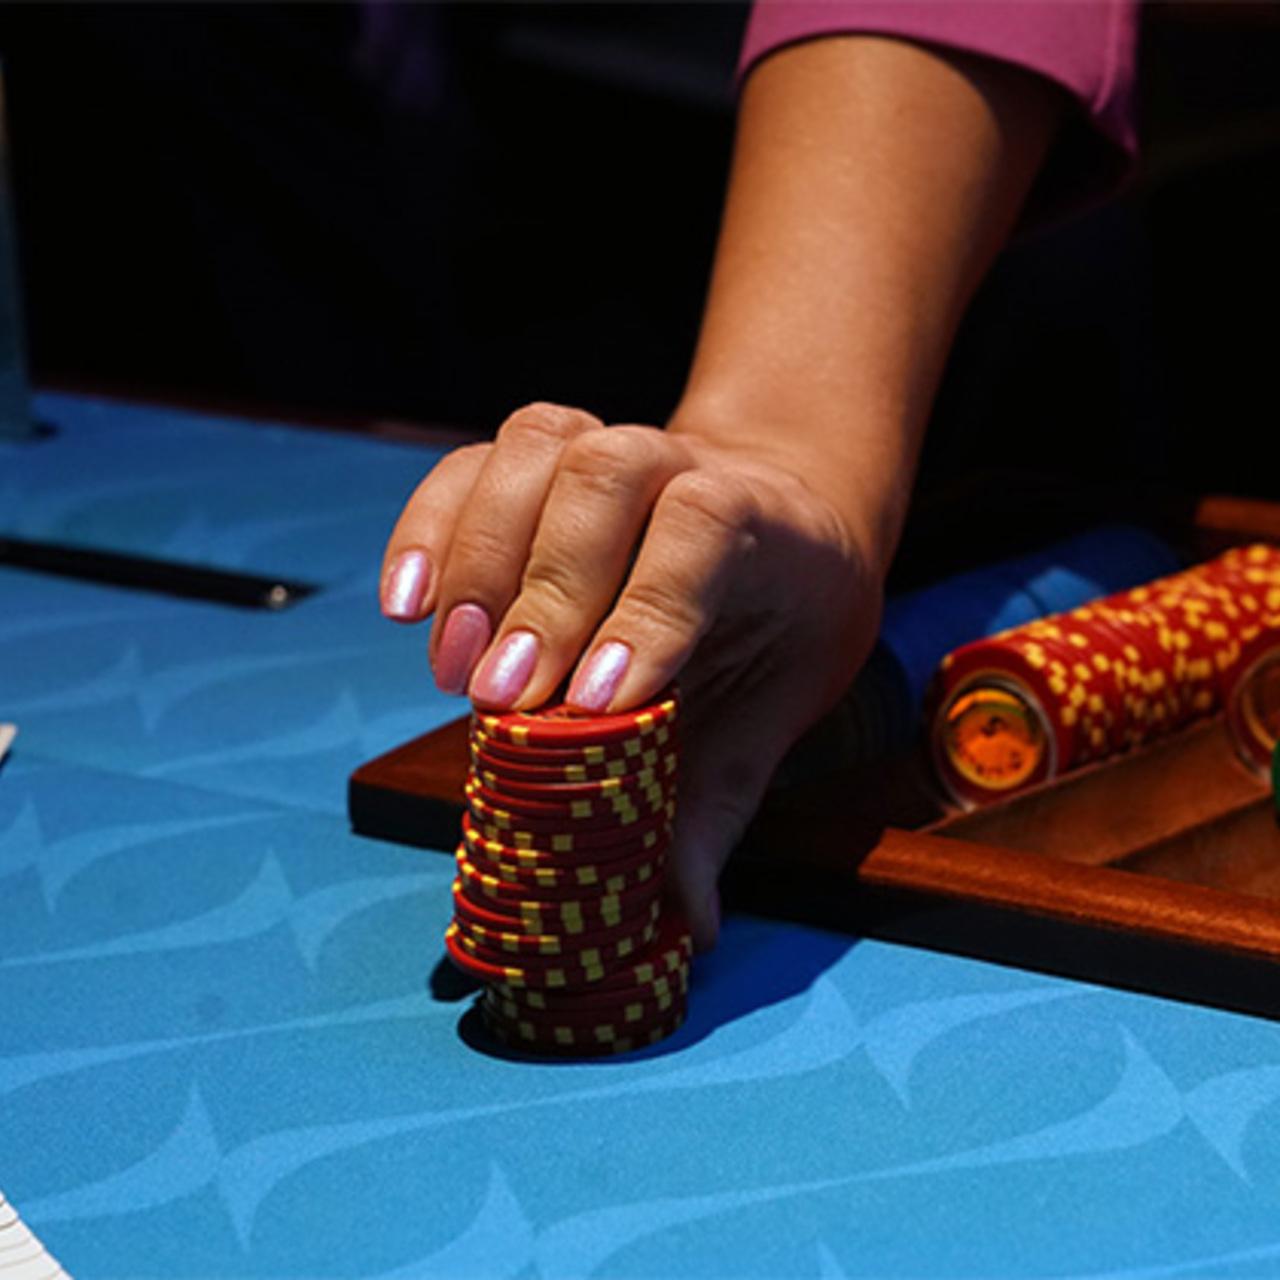 Вакансия казино в интернете игровые аппараты клубника игра на виртуальные деньги